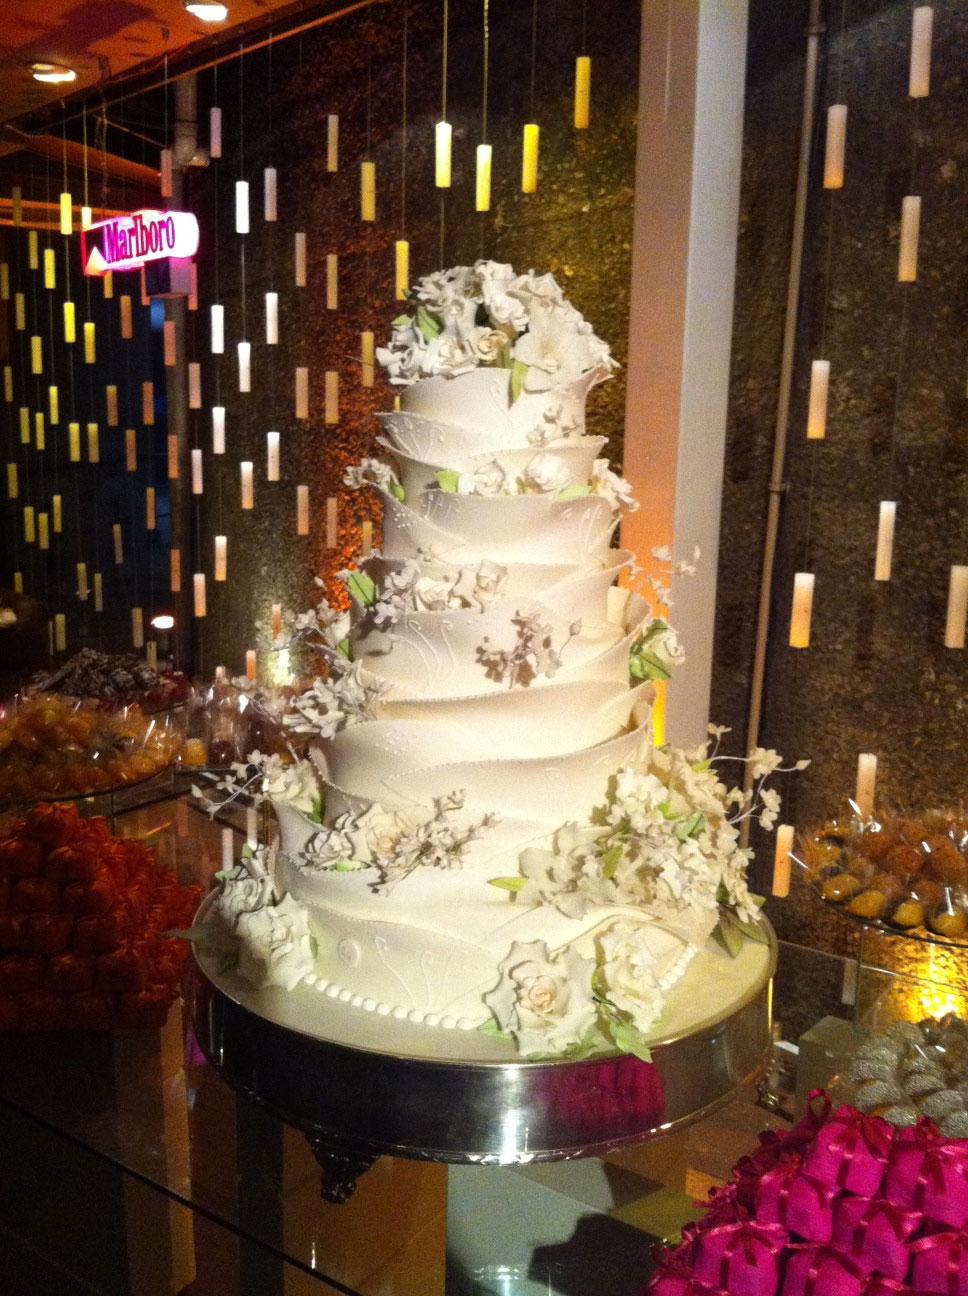 O bolo foi decorado com flores